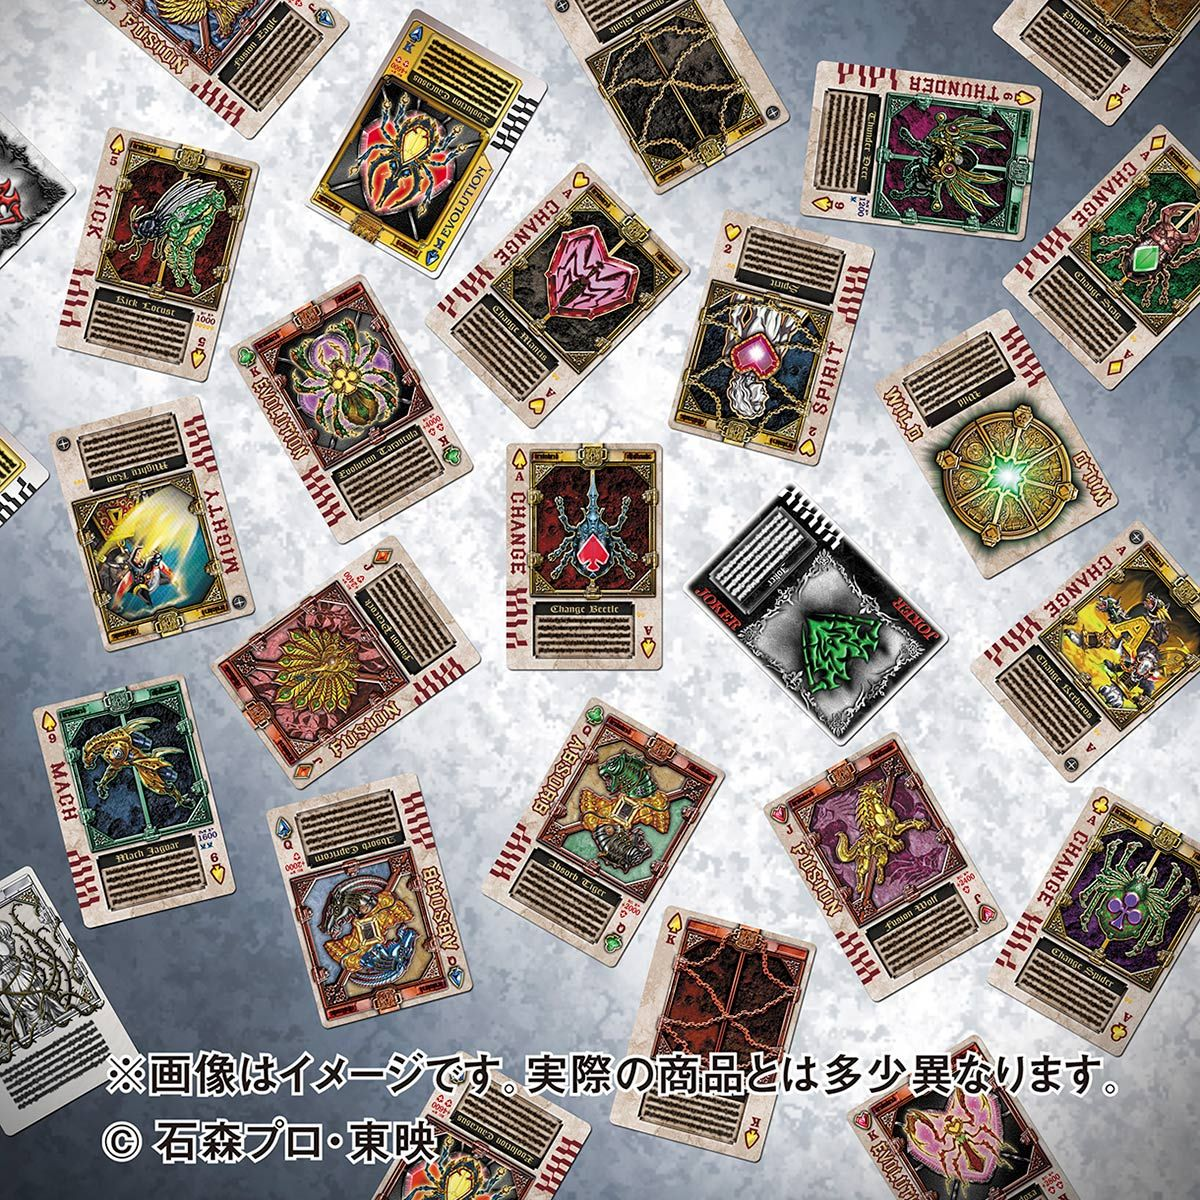 仮面ライダー剣『ラウズカードアーカイブス BOARD COLLECTION』カード-005